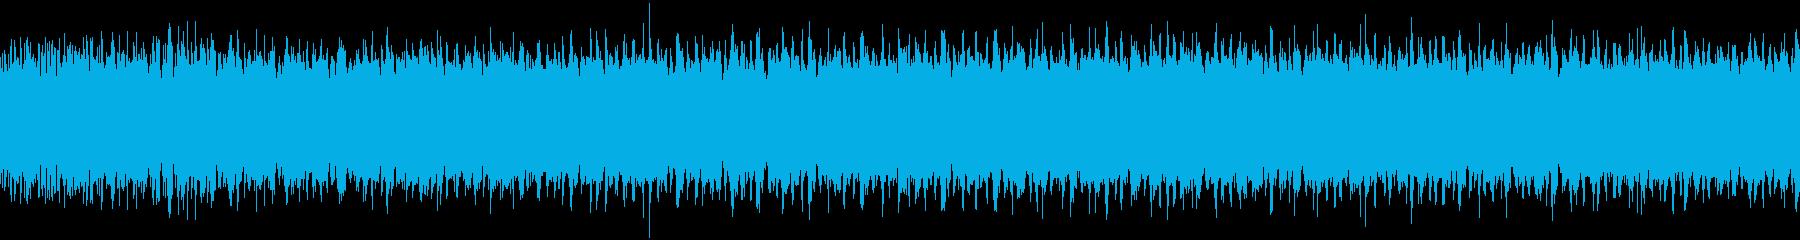 リューター音(ウィーーーー)の再生済みの波形